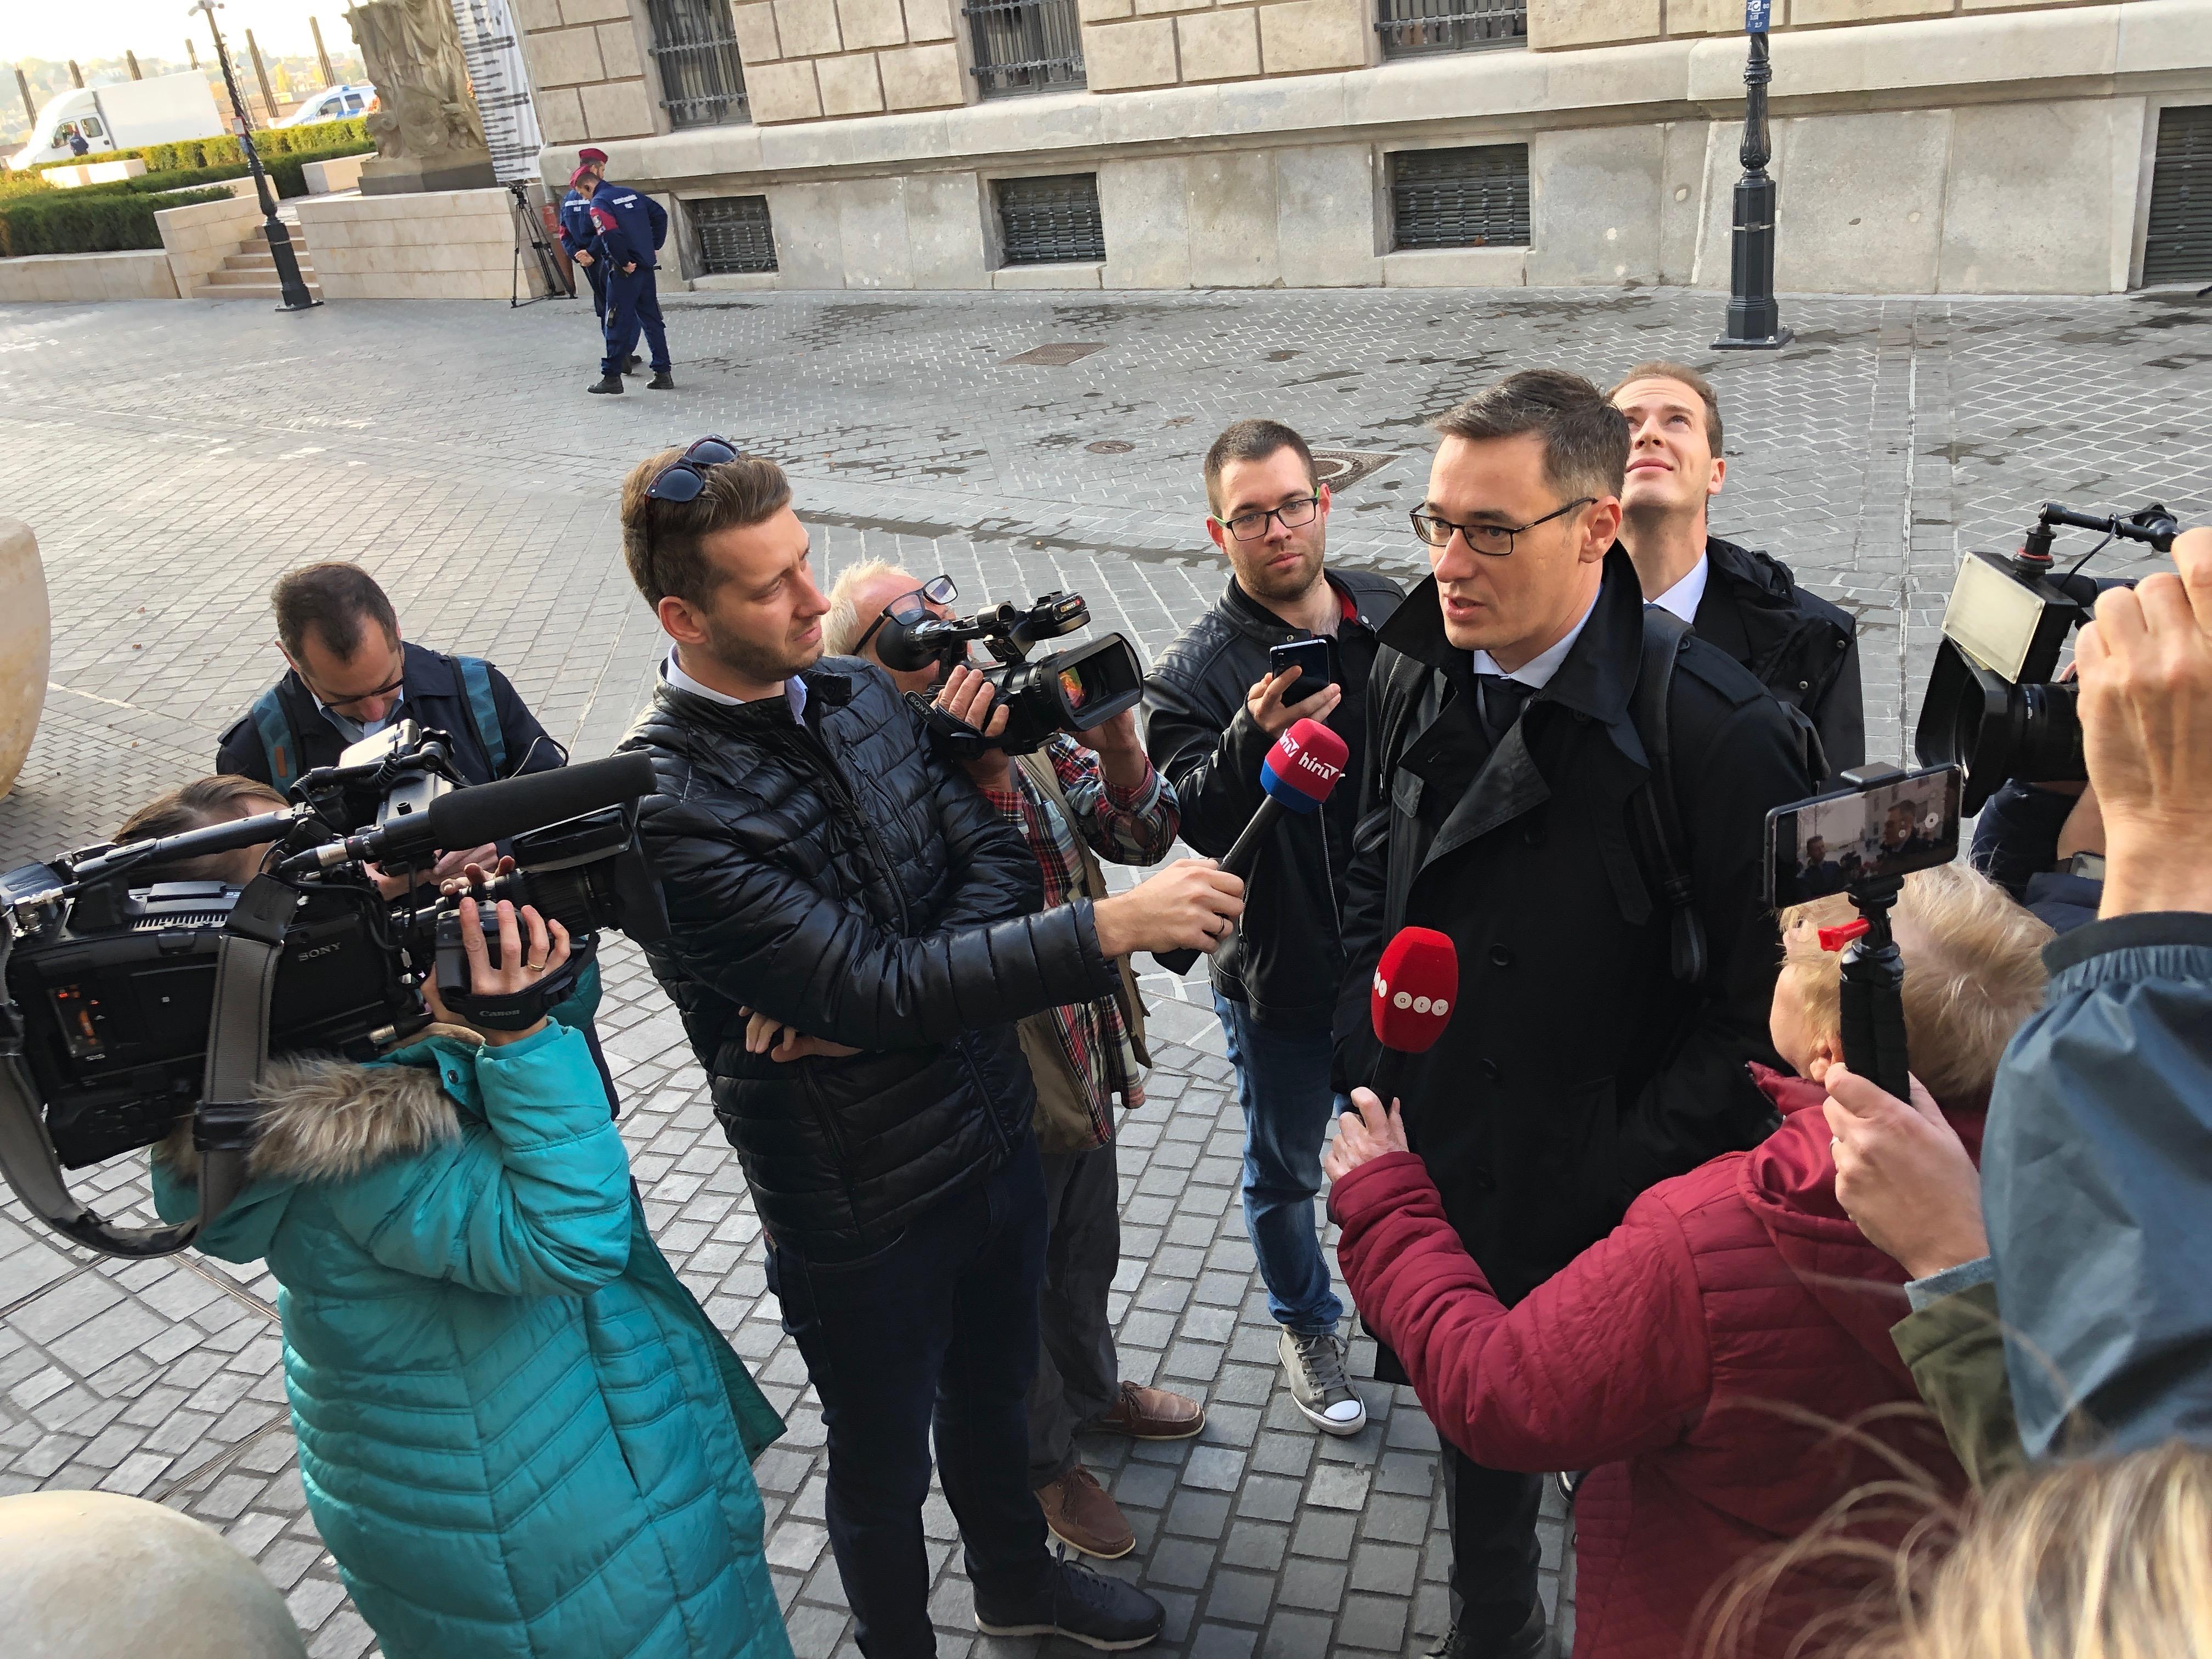 Karácsony besétált Orbán irodájába, a miniszterek csak utána érkeztek